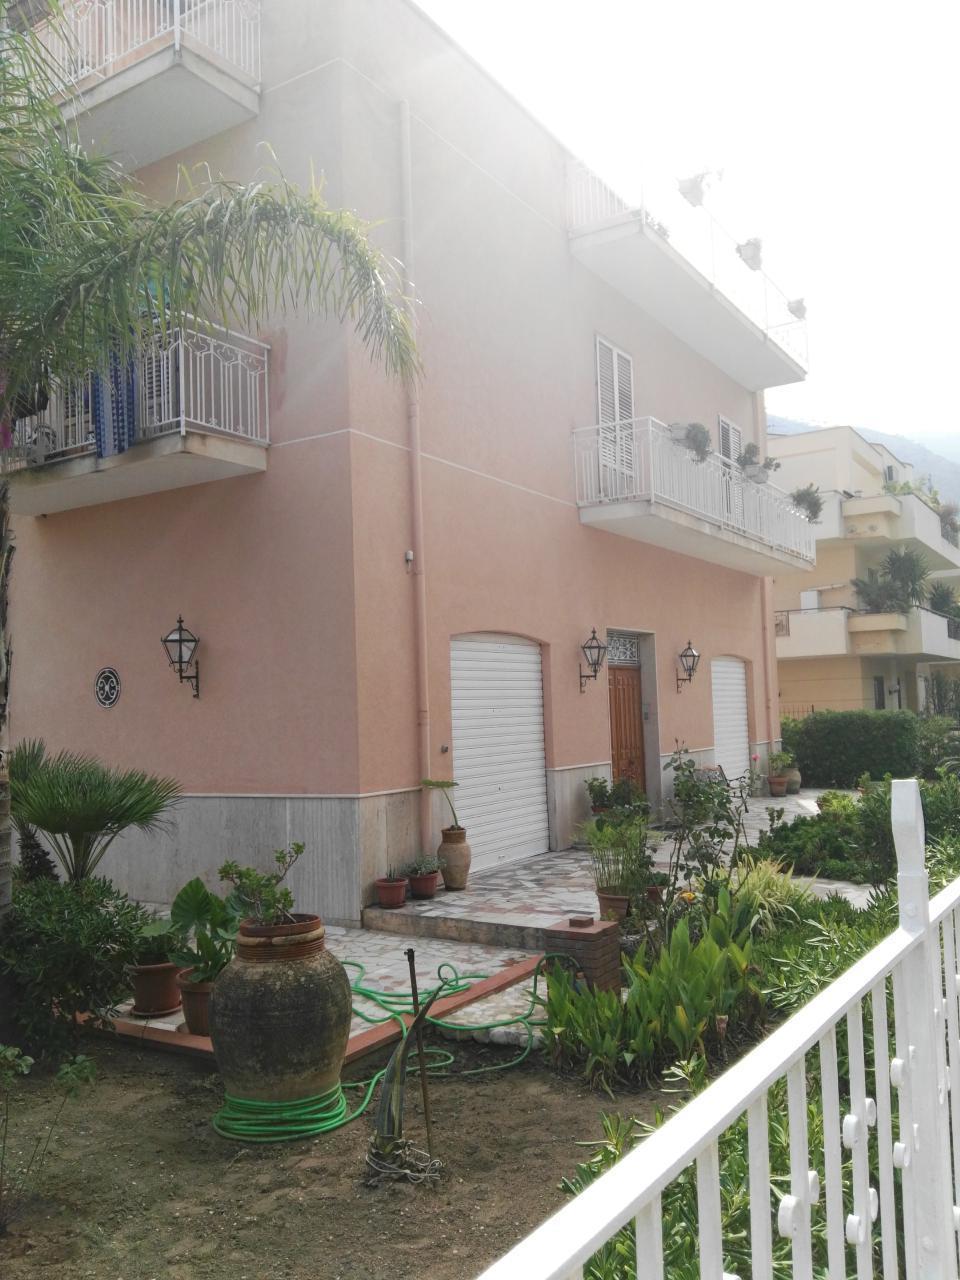 Ferienhaus Castellammare del Golfo Villalba A (34542), Castellammare del Golfo, Trapani, Sizilien, Italien, Bild 12